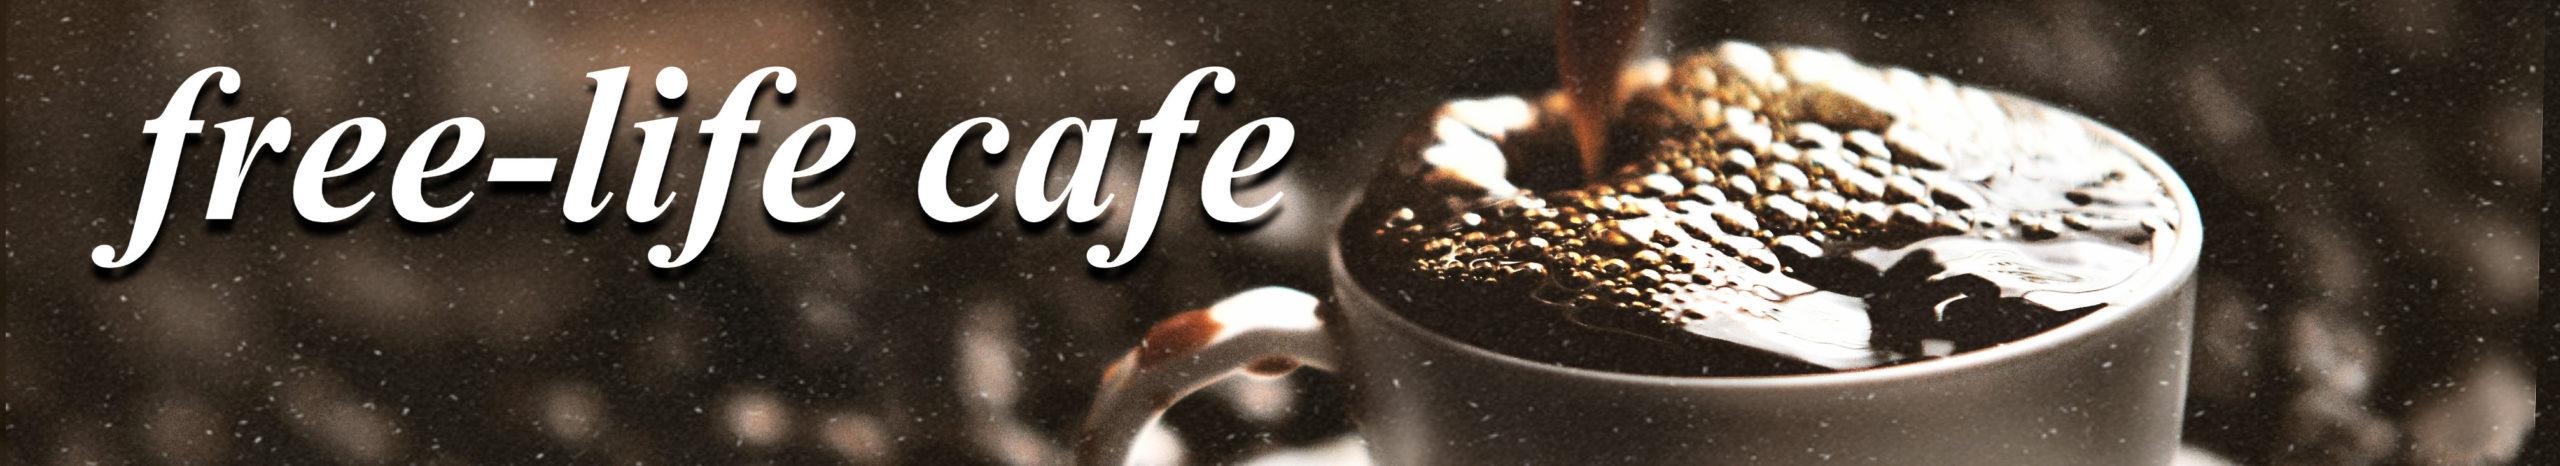 free life cafe